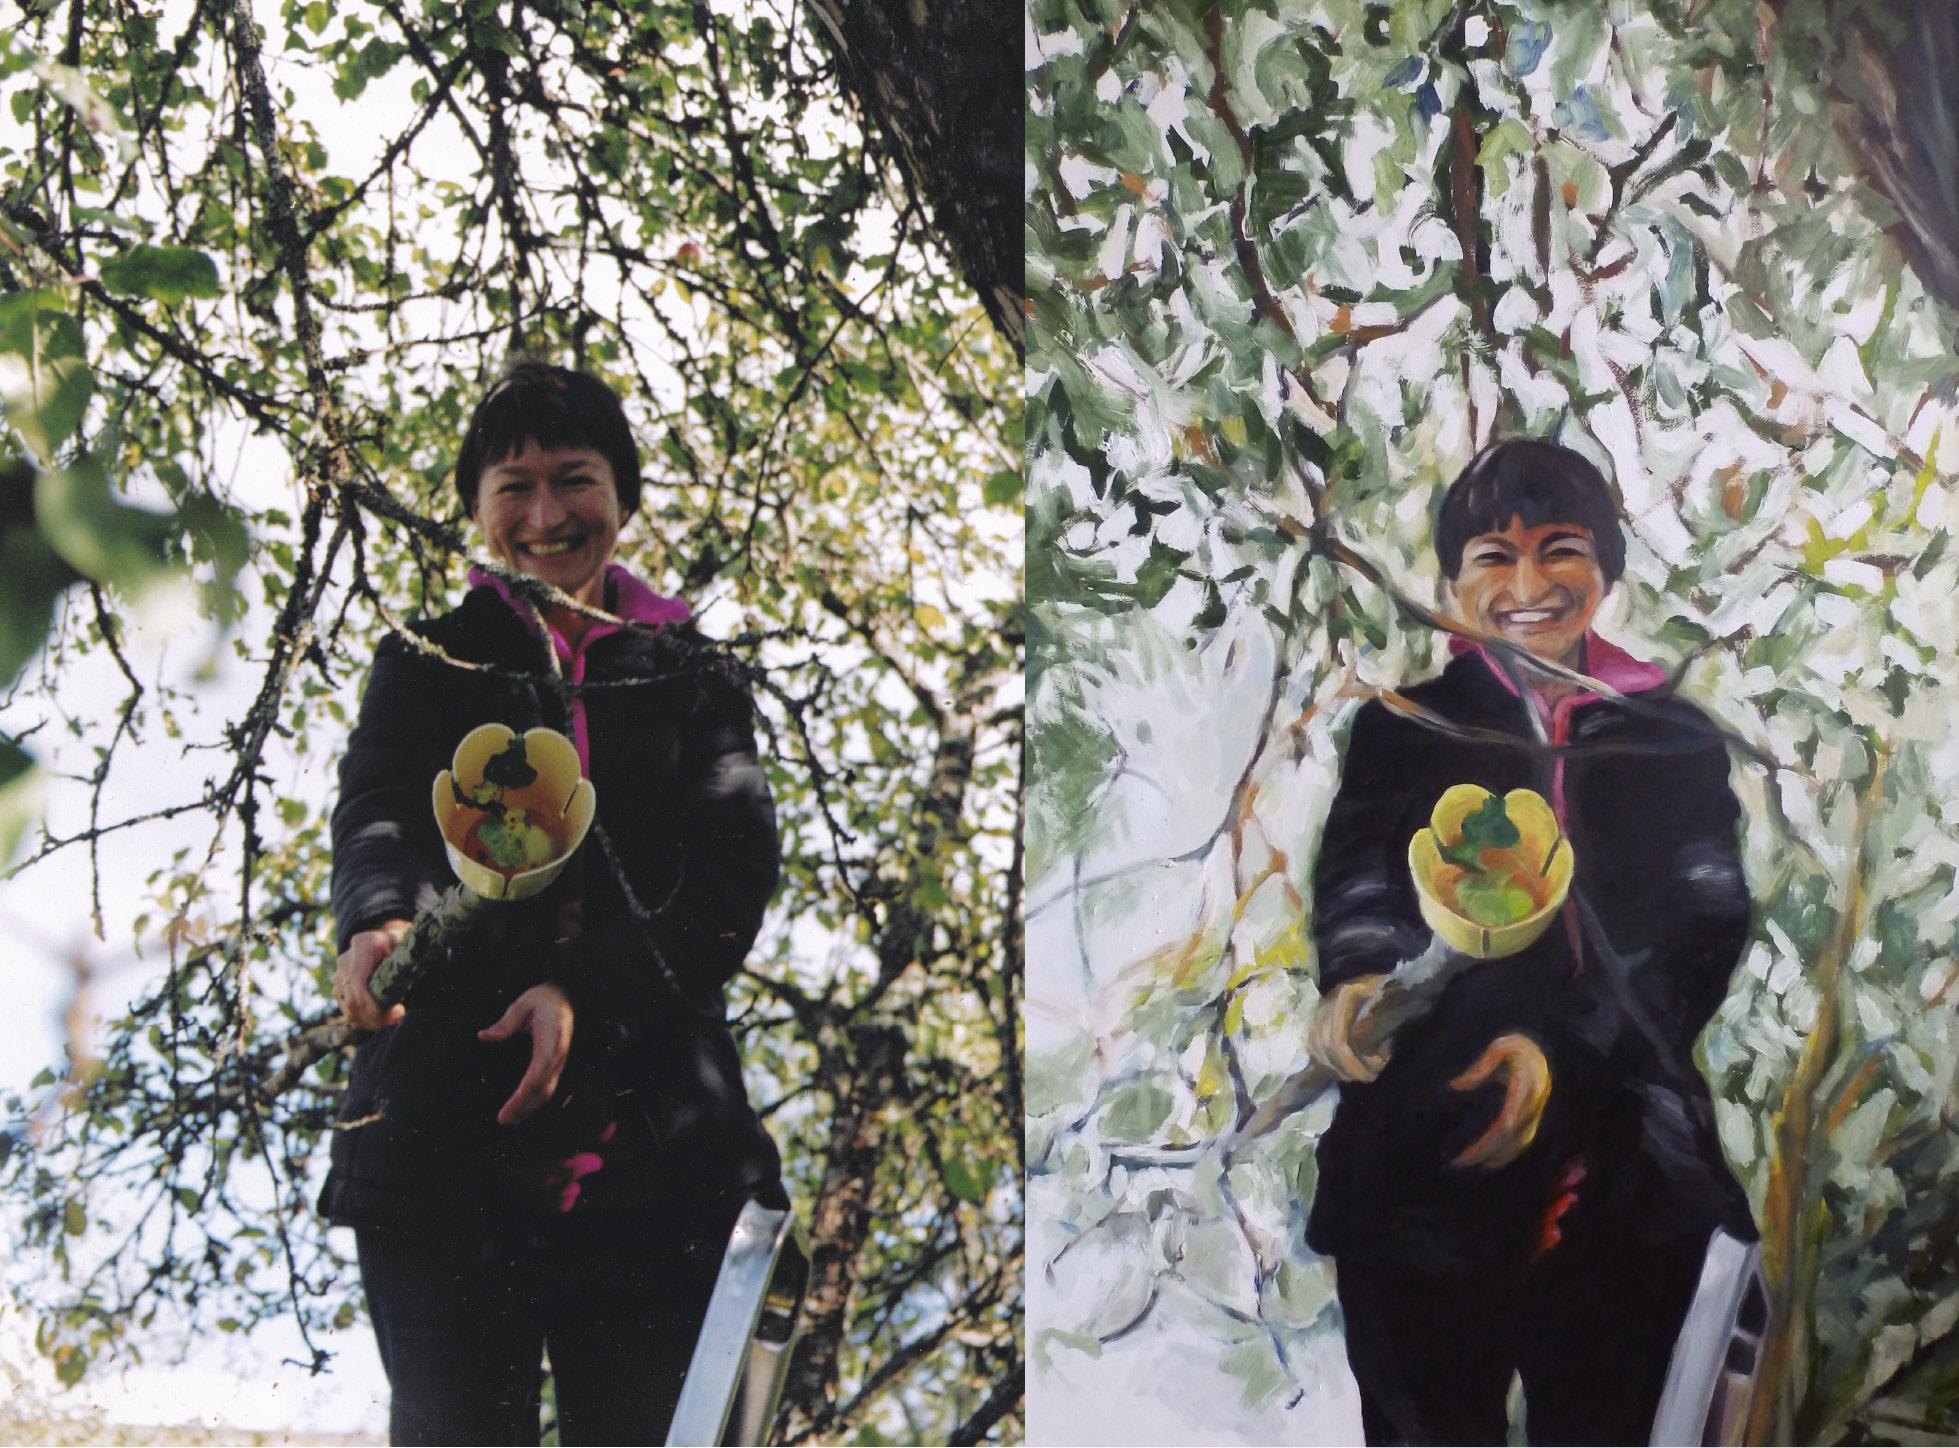 Foto ja maal, 2005, Ükshaaval, õli vineeril 125x83cm